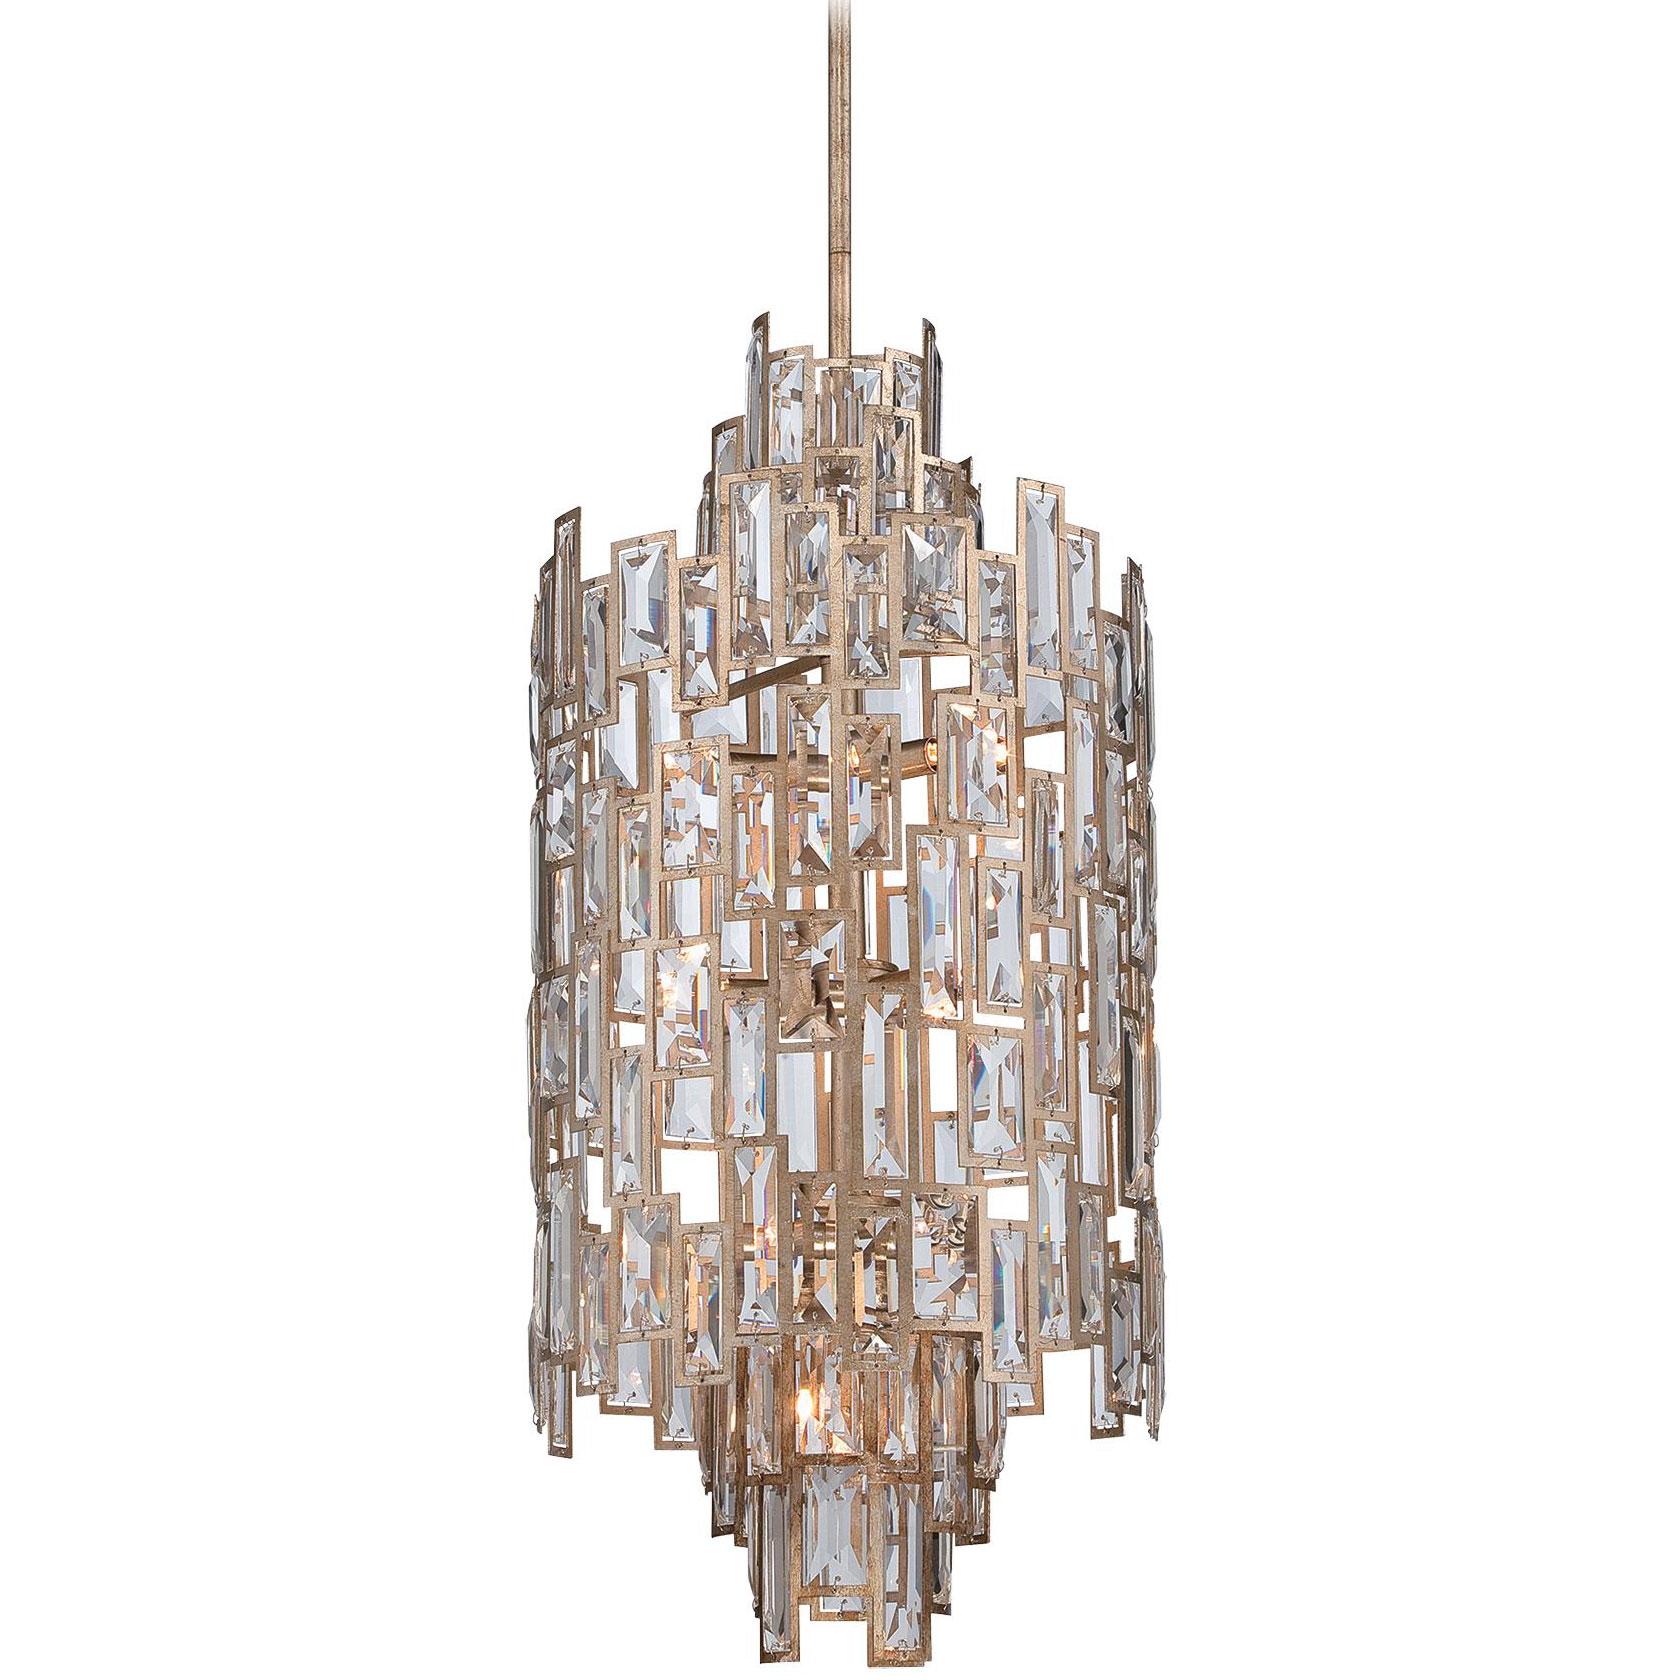 Bel Mondo Pendant By Metropolitan Lighting N6670 274 In 2020 Gold Pendant Lighting Lighting Pattern Pendant Lighting